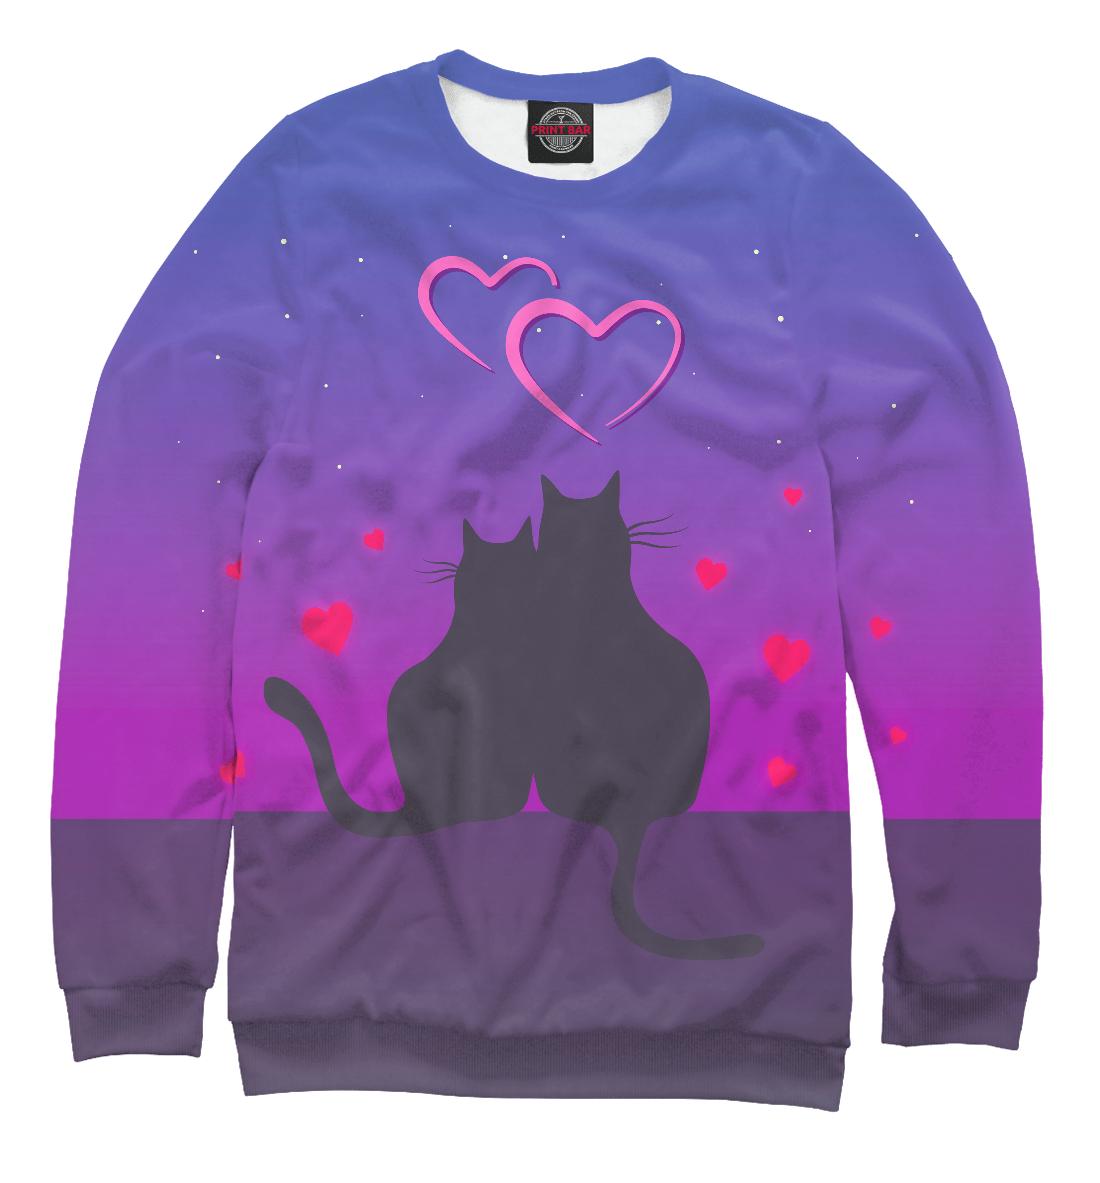 Купить Cat's desire. Парные футболки., Printbar, Свитшоты, 14F-763648-swi-2